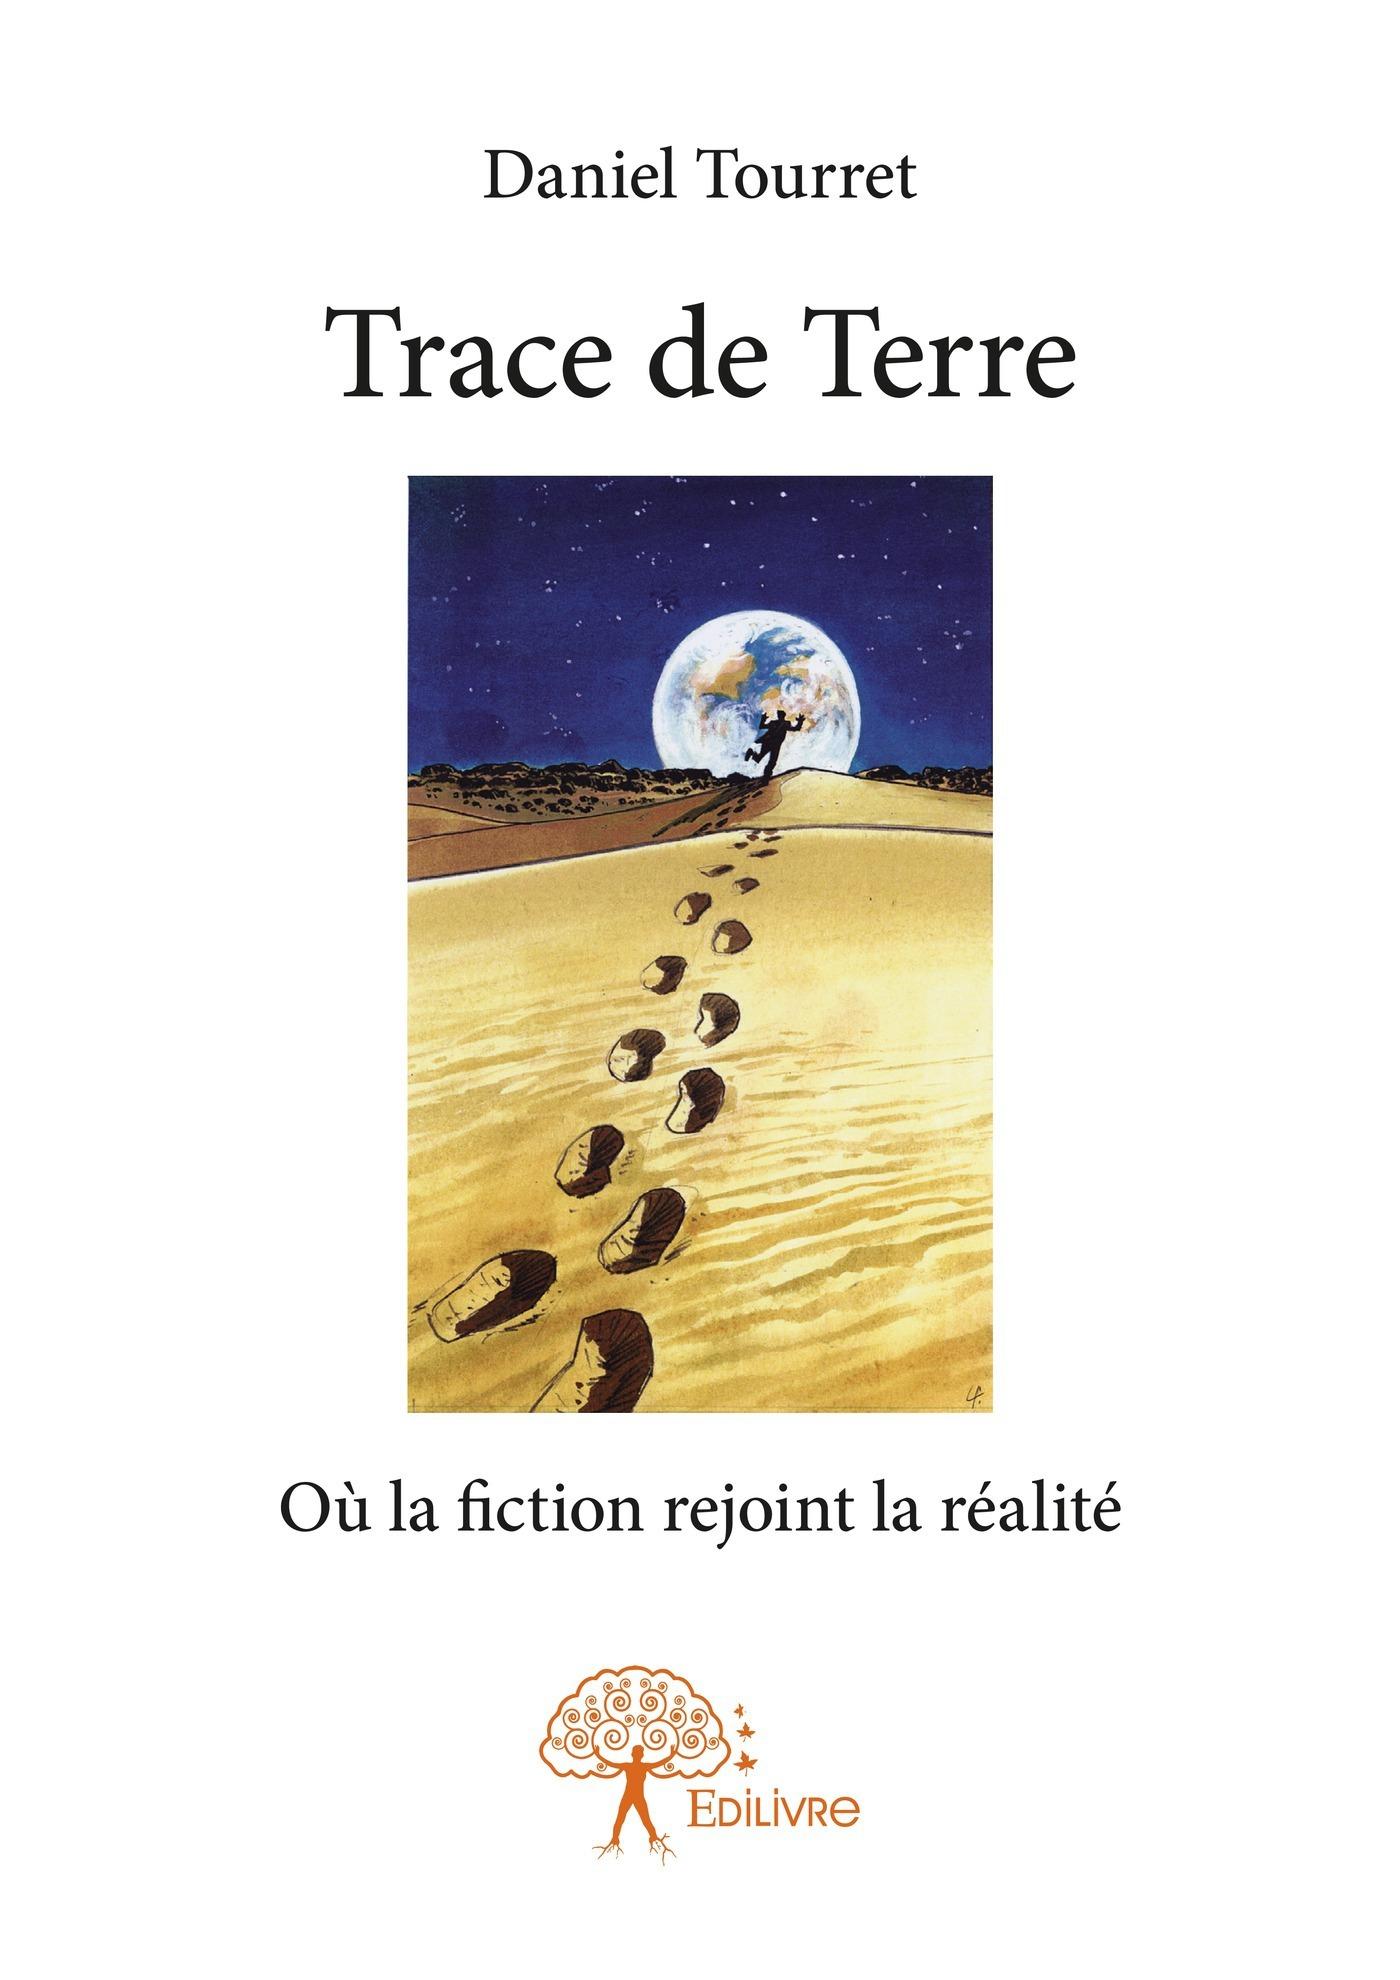 Trace de Terre  - Daniel Tourret